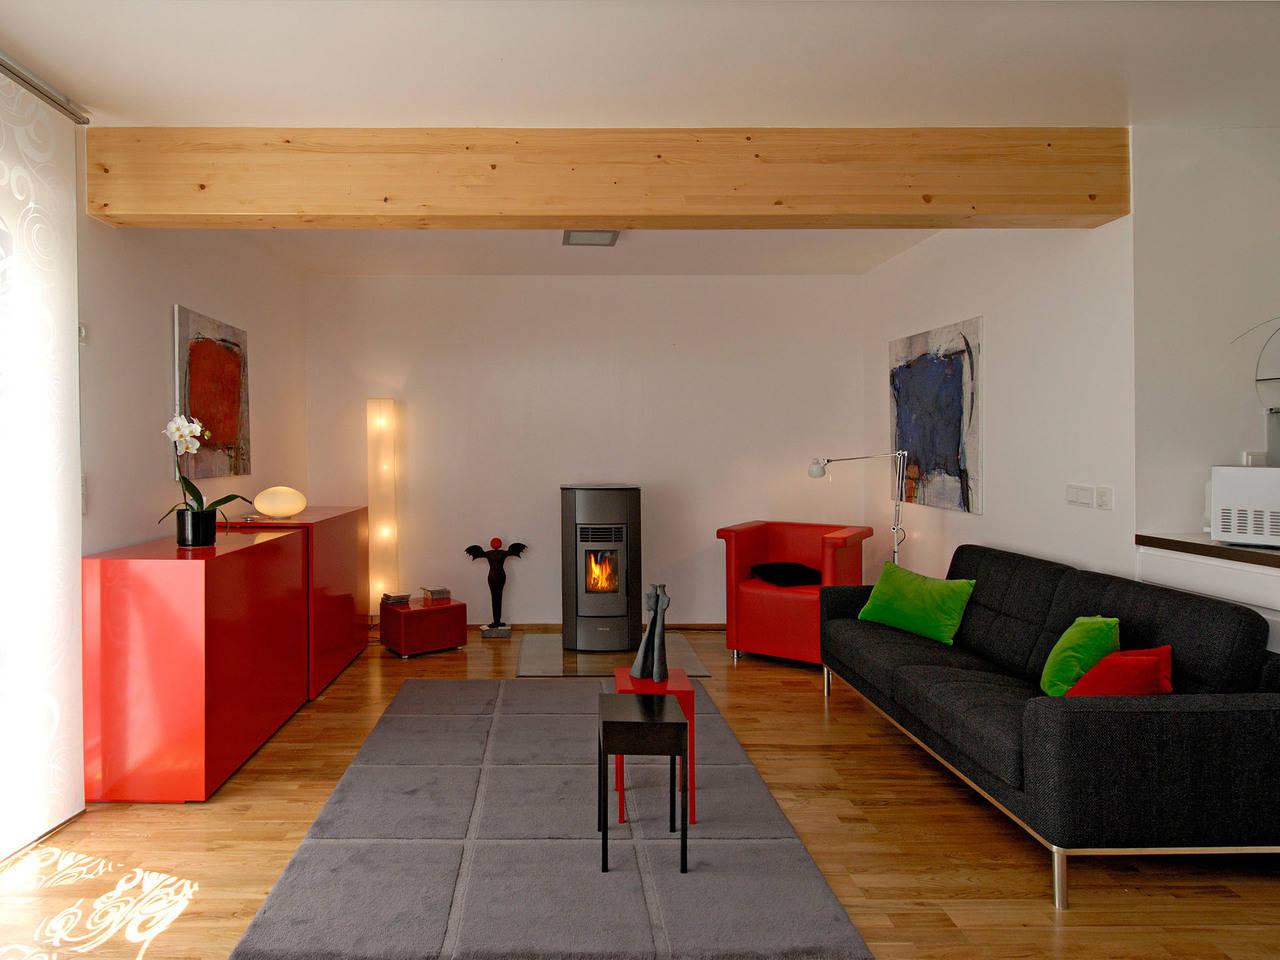 Haus Dorstewitz Fertighaus Weiss Wohnzimmer